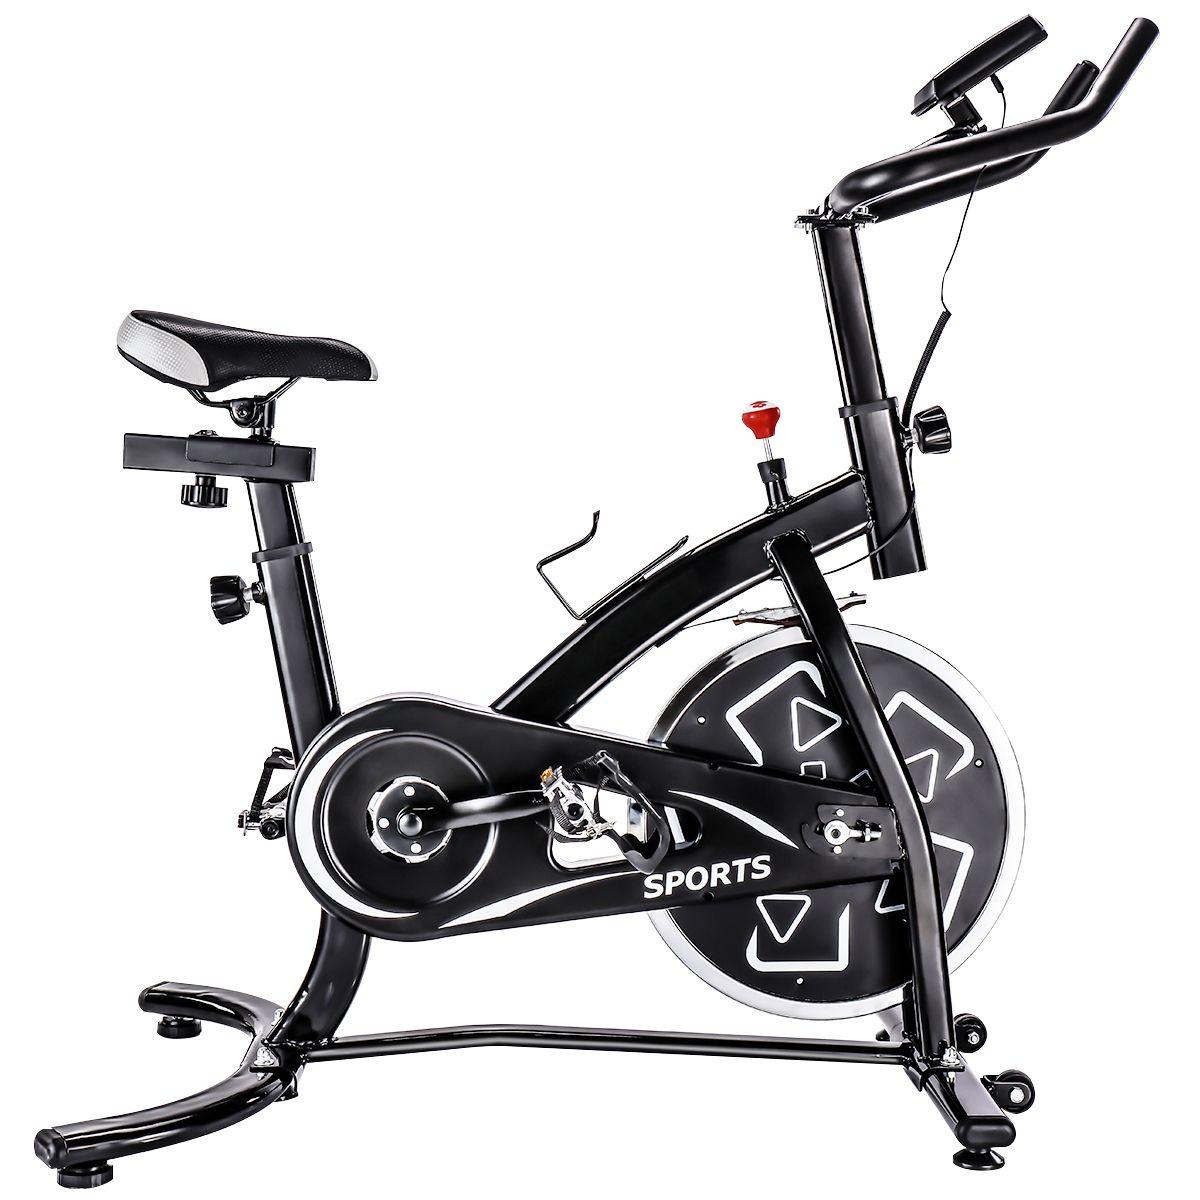 Stati Uniti Stock, GT stazionario professionale Indoor Cycling Bike S280 Trainer cyclette con 24 libbre. volano MS188933BAA